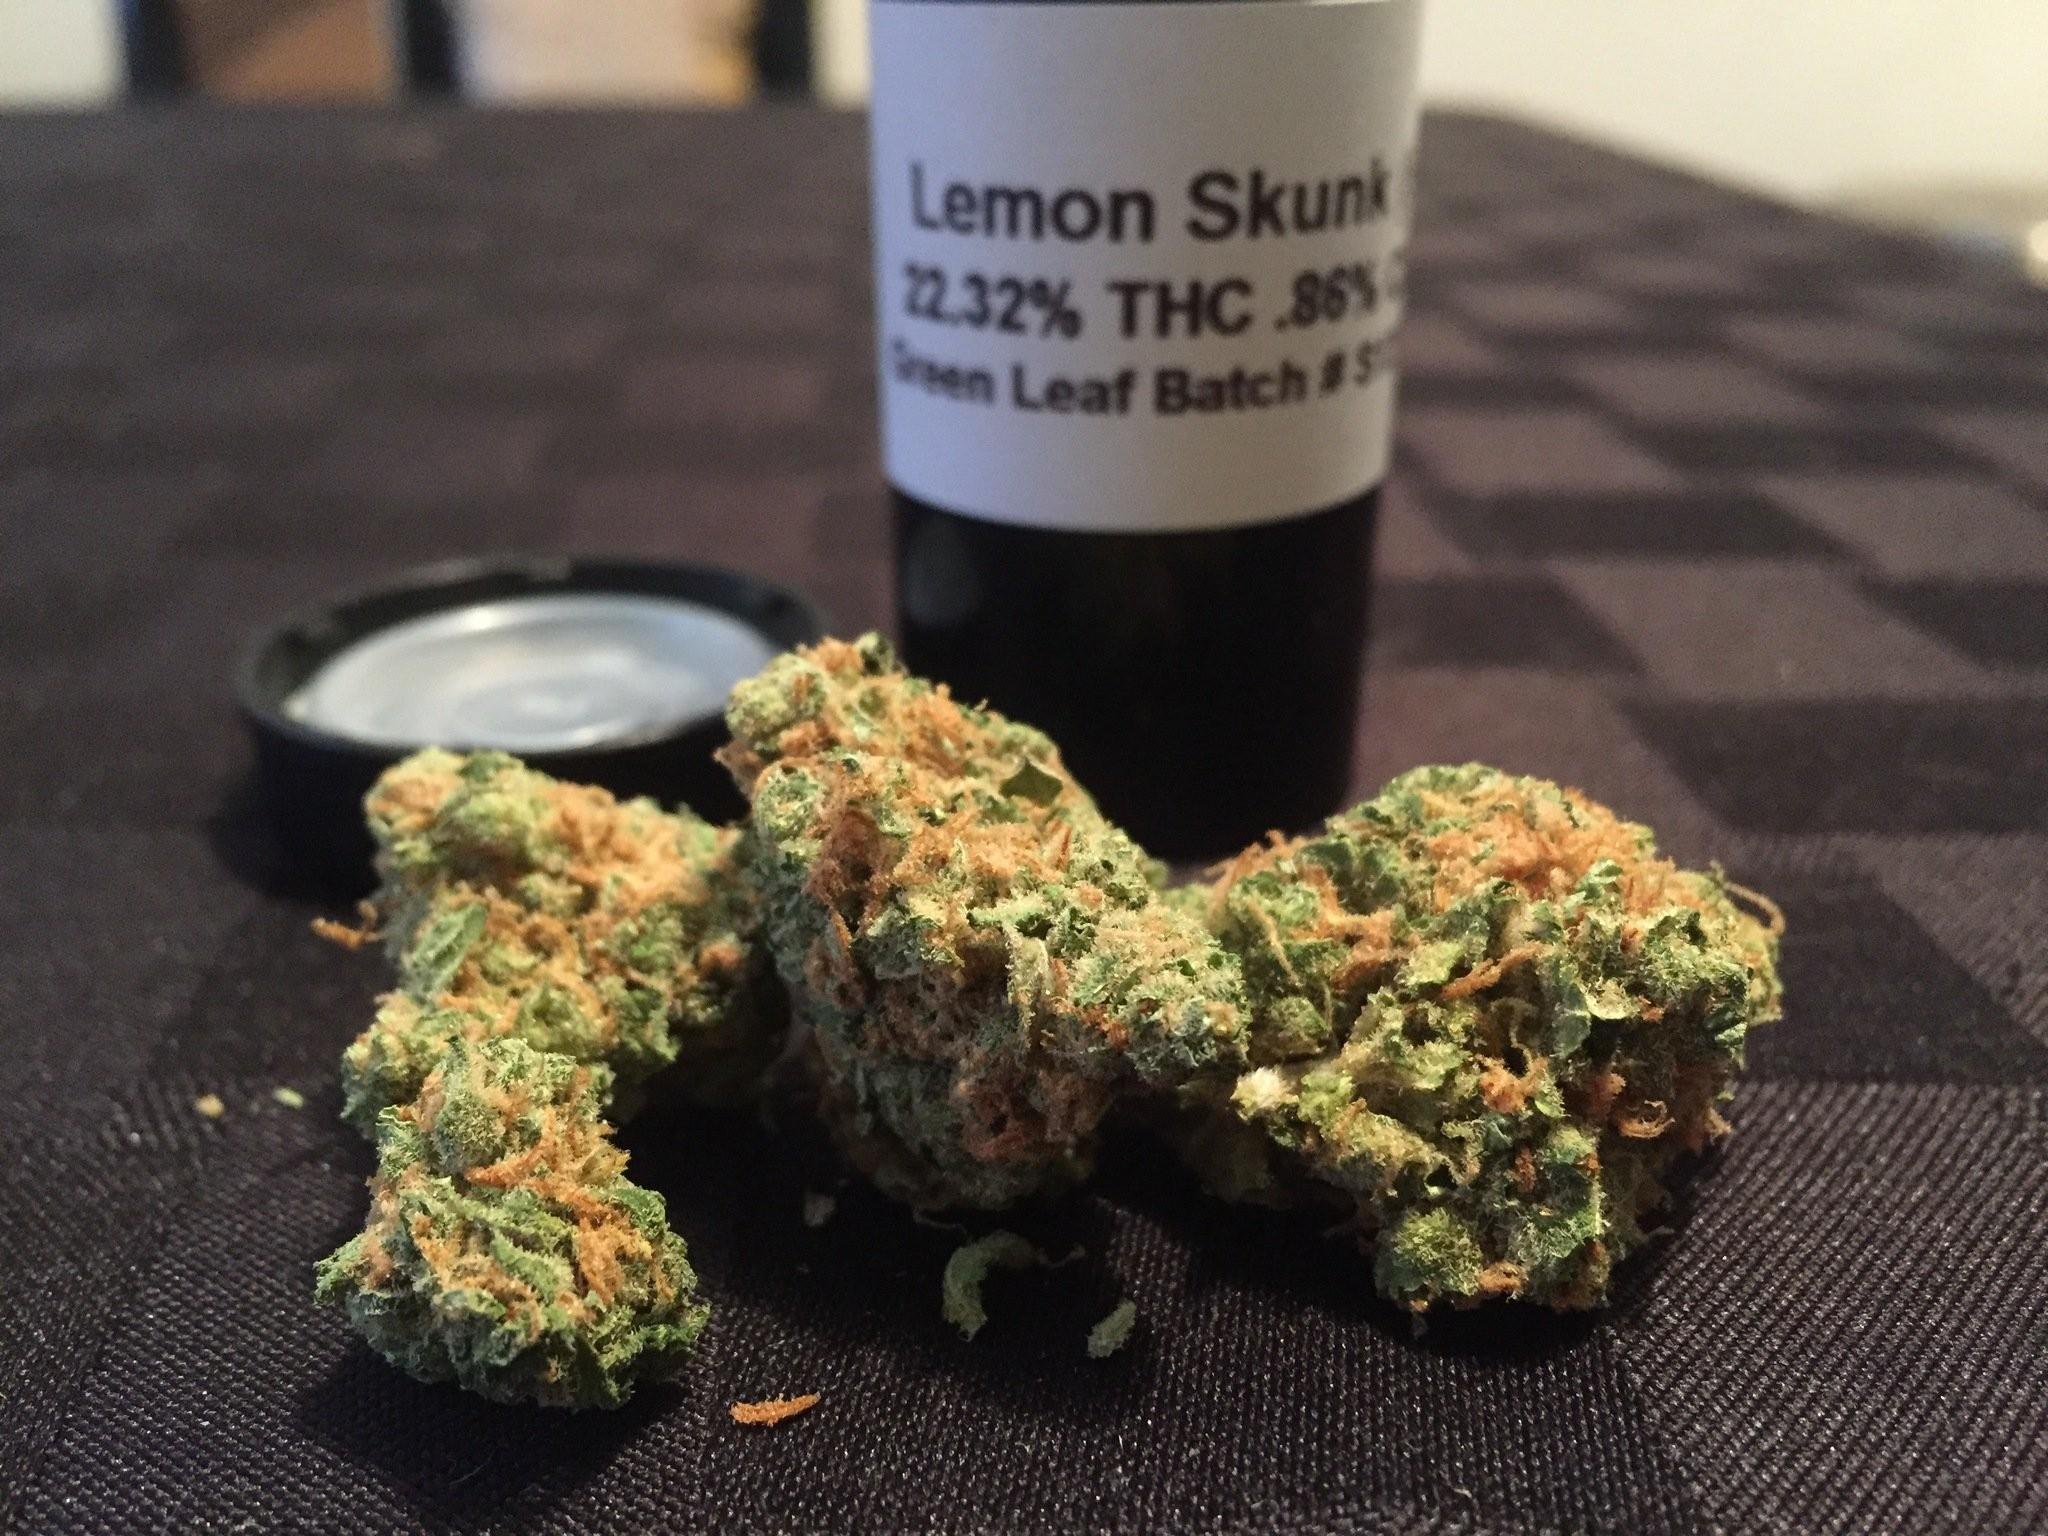 Lemon Skunk (Cannabis review) - oregonlive com